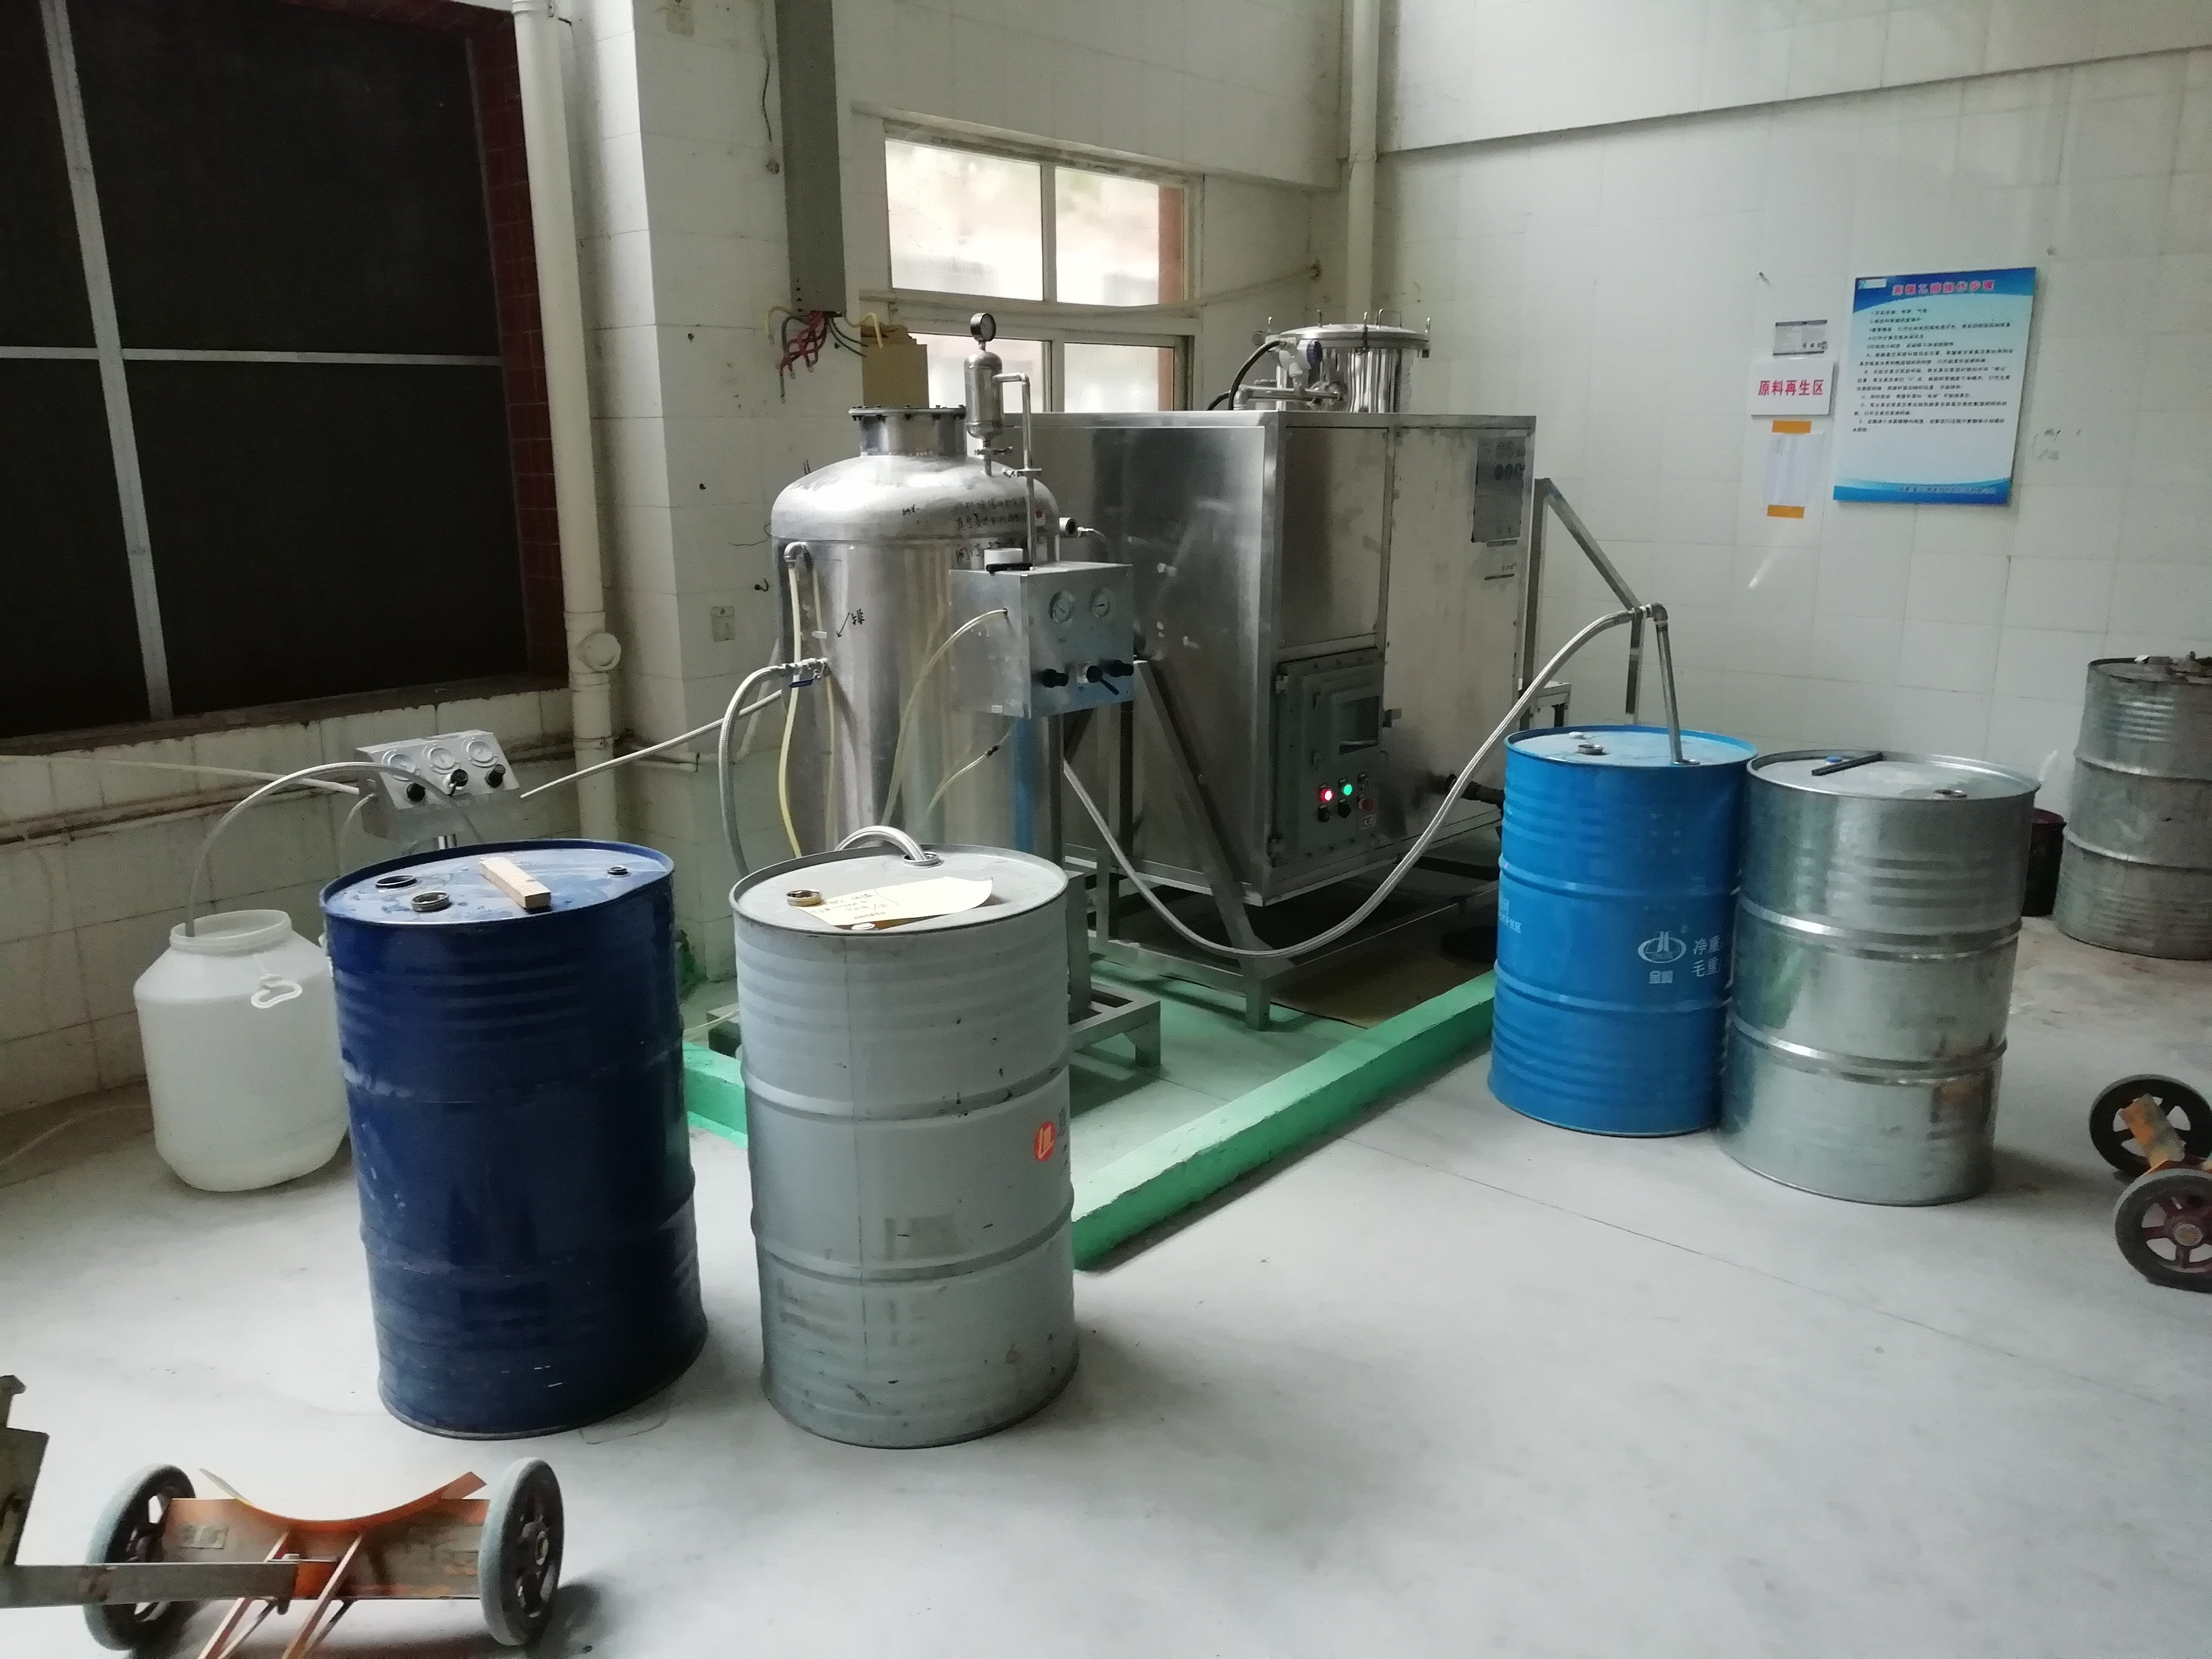 溶剂回收机,漆渣烘干减量处理设备,喷漆涂装循环废水处理,印刷废水处理